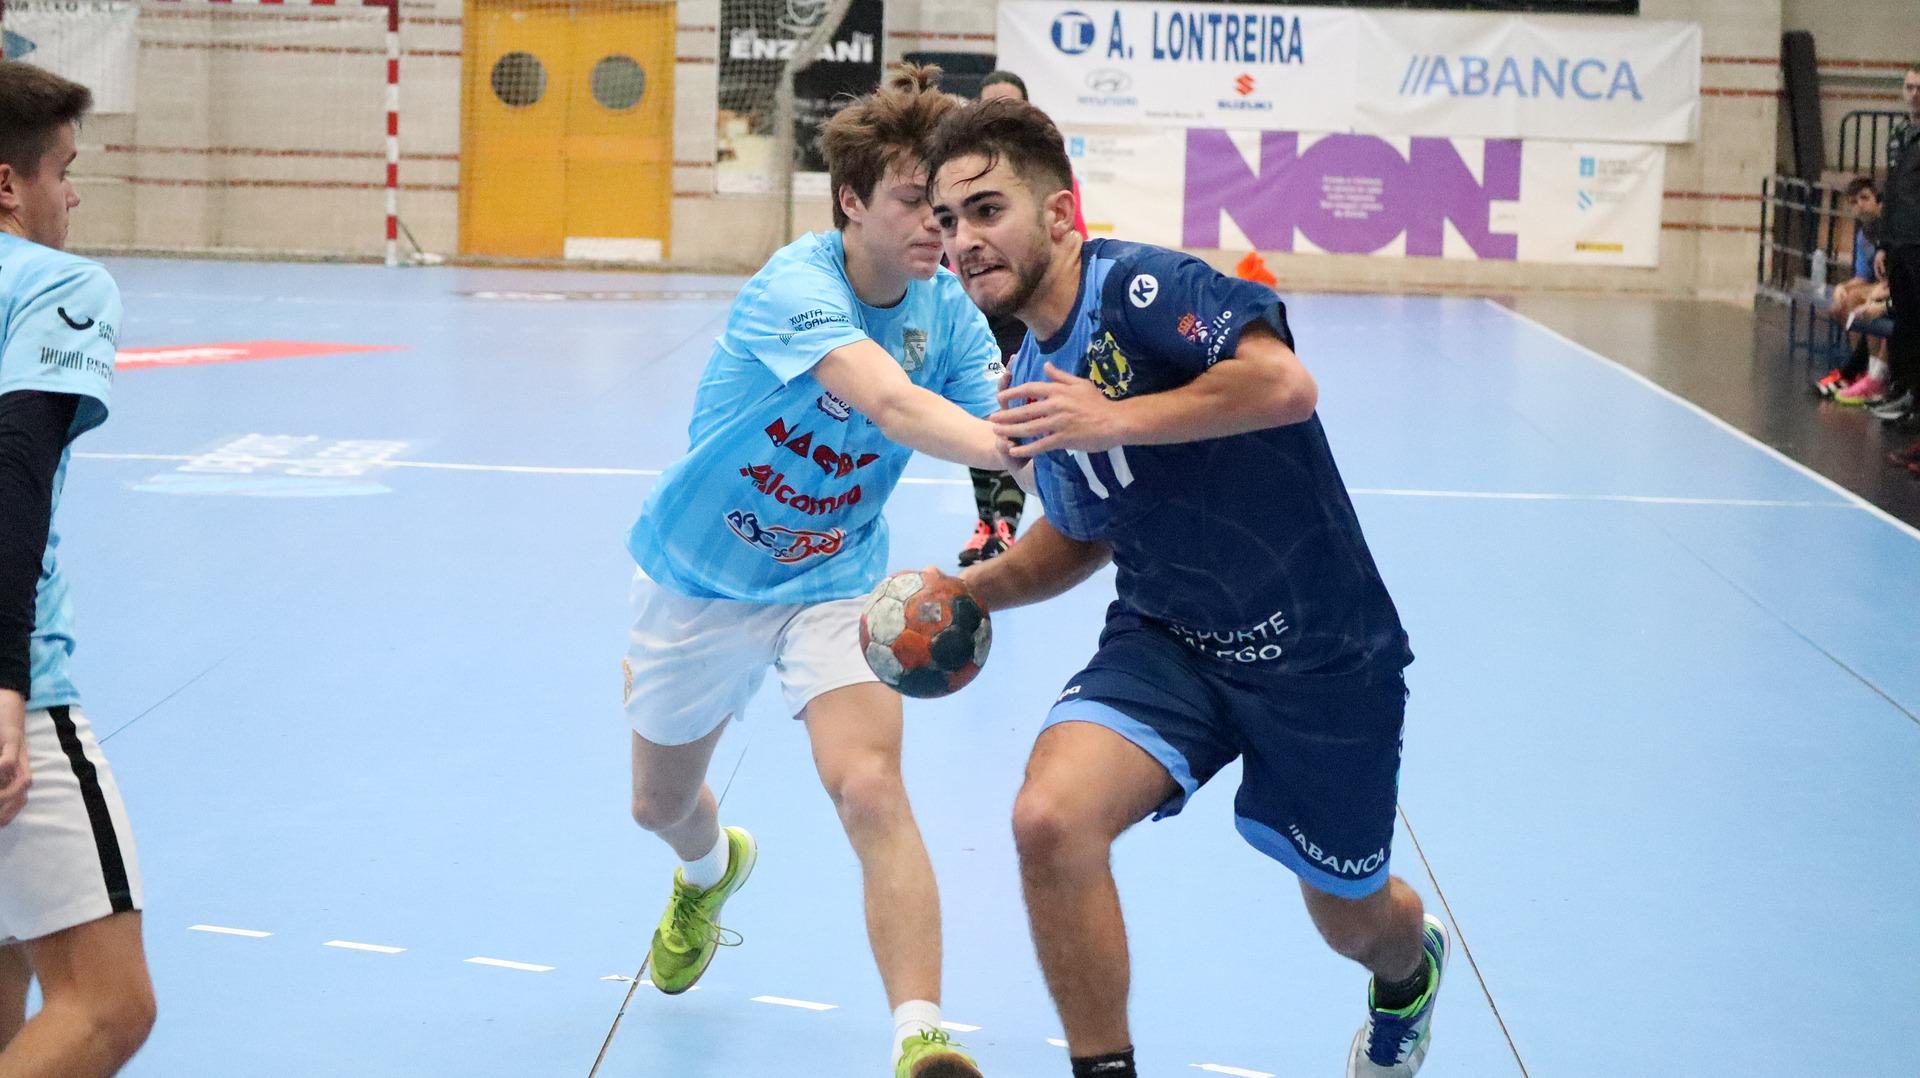 handball-5052398_1920